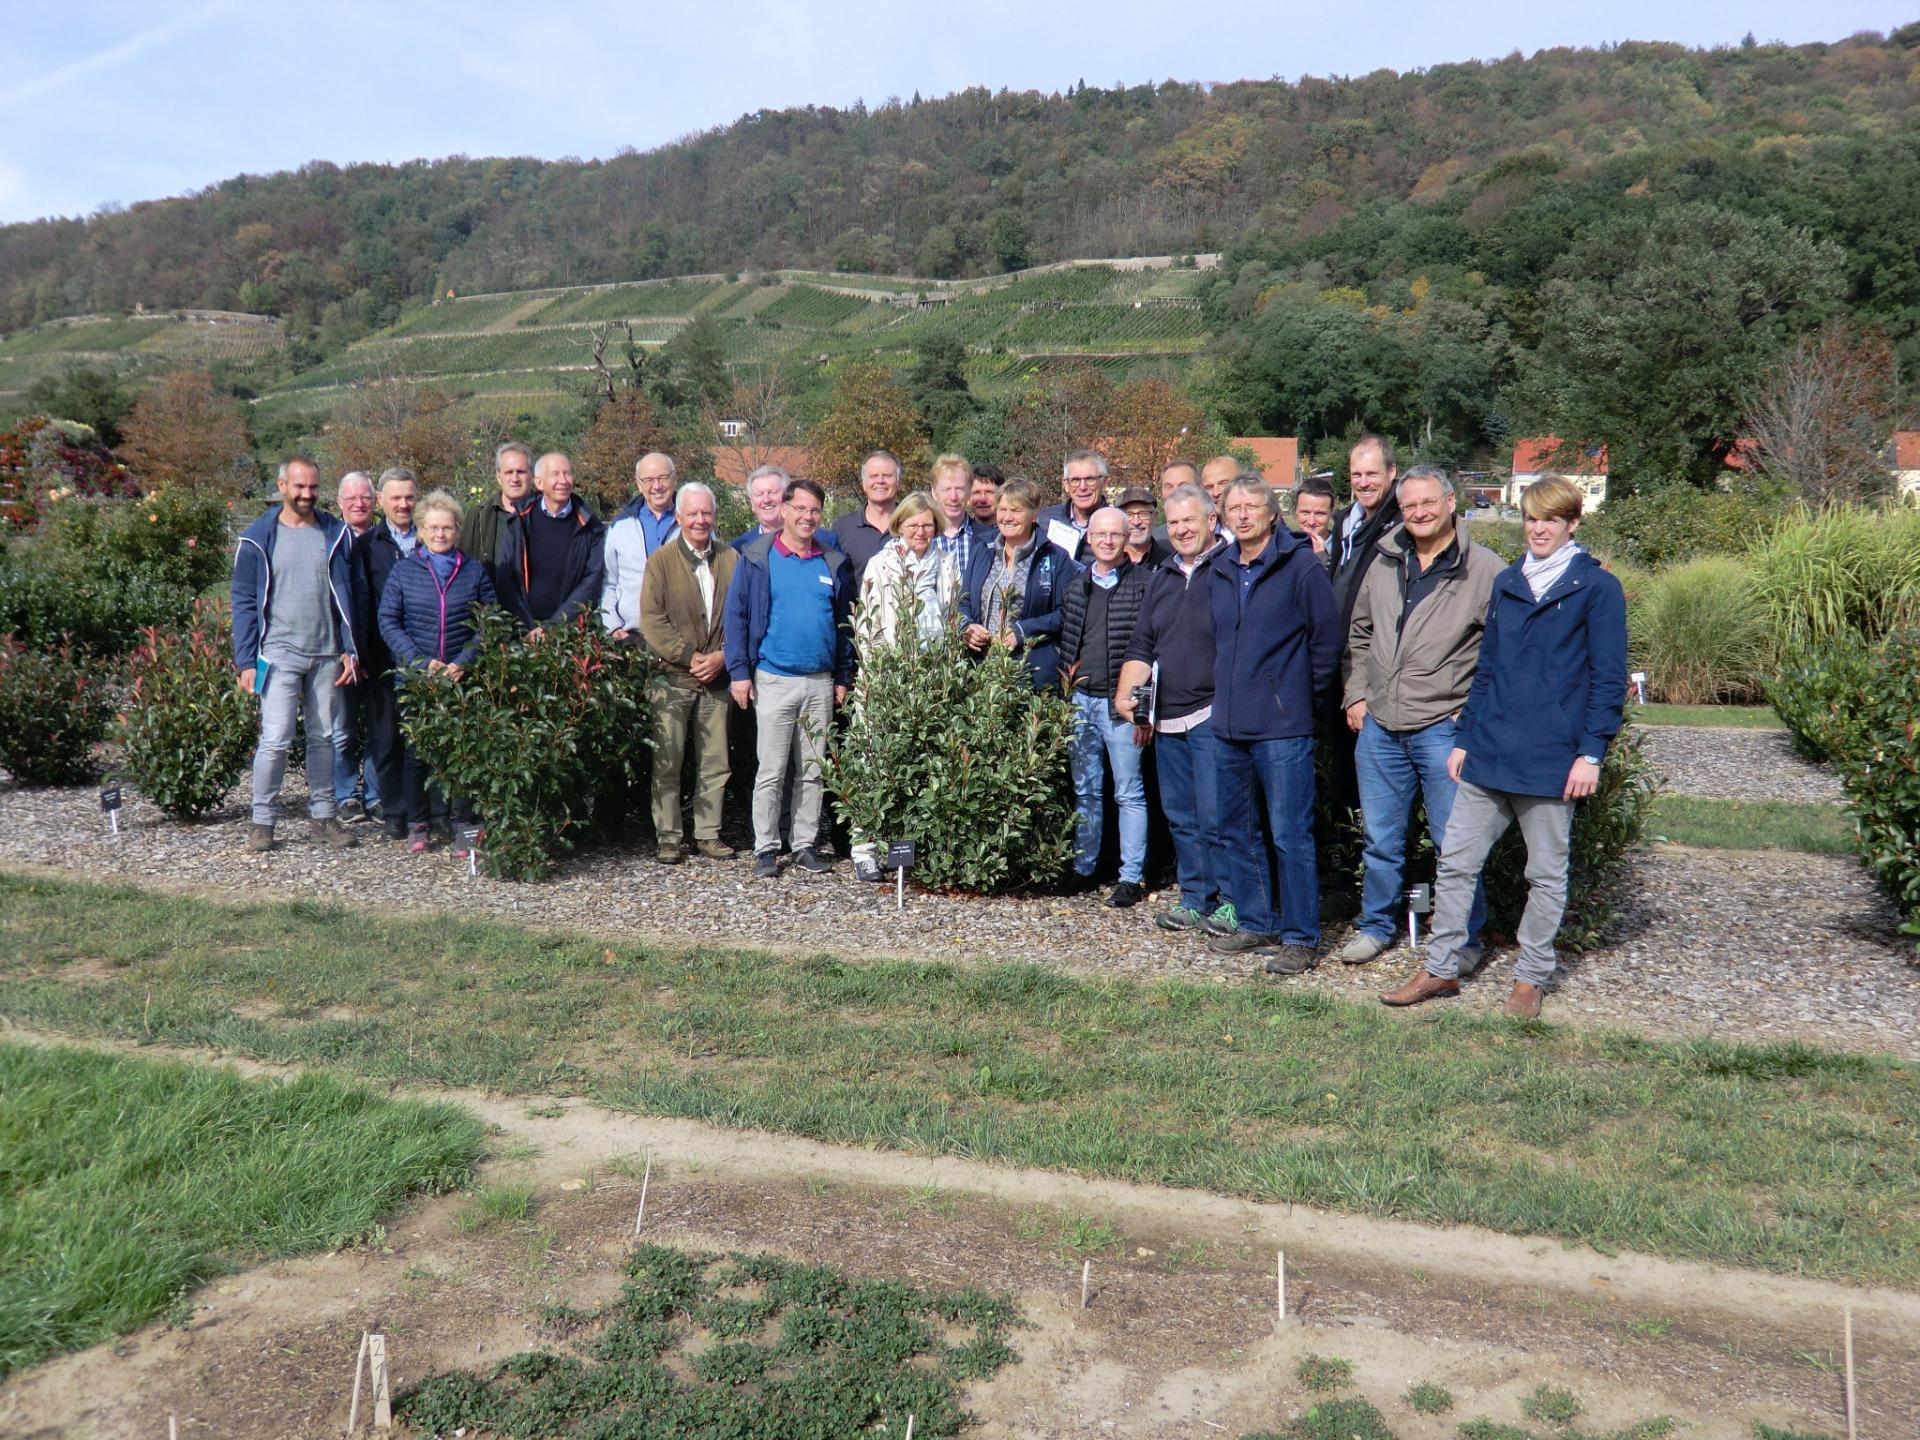 Tagung des AK Bundesgehölzsichtung 2018 in Dresden Pillnitz